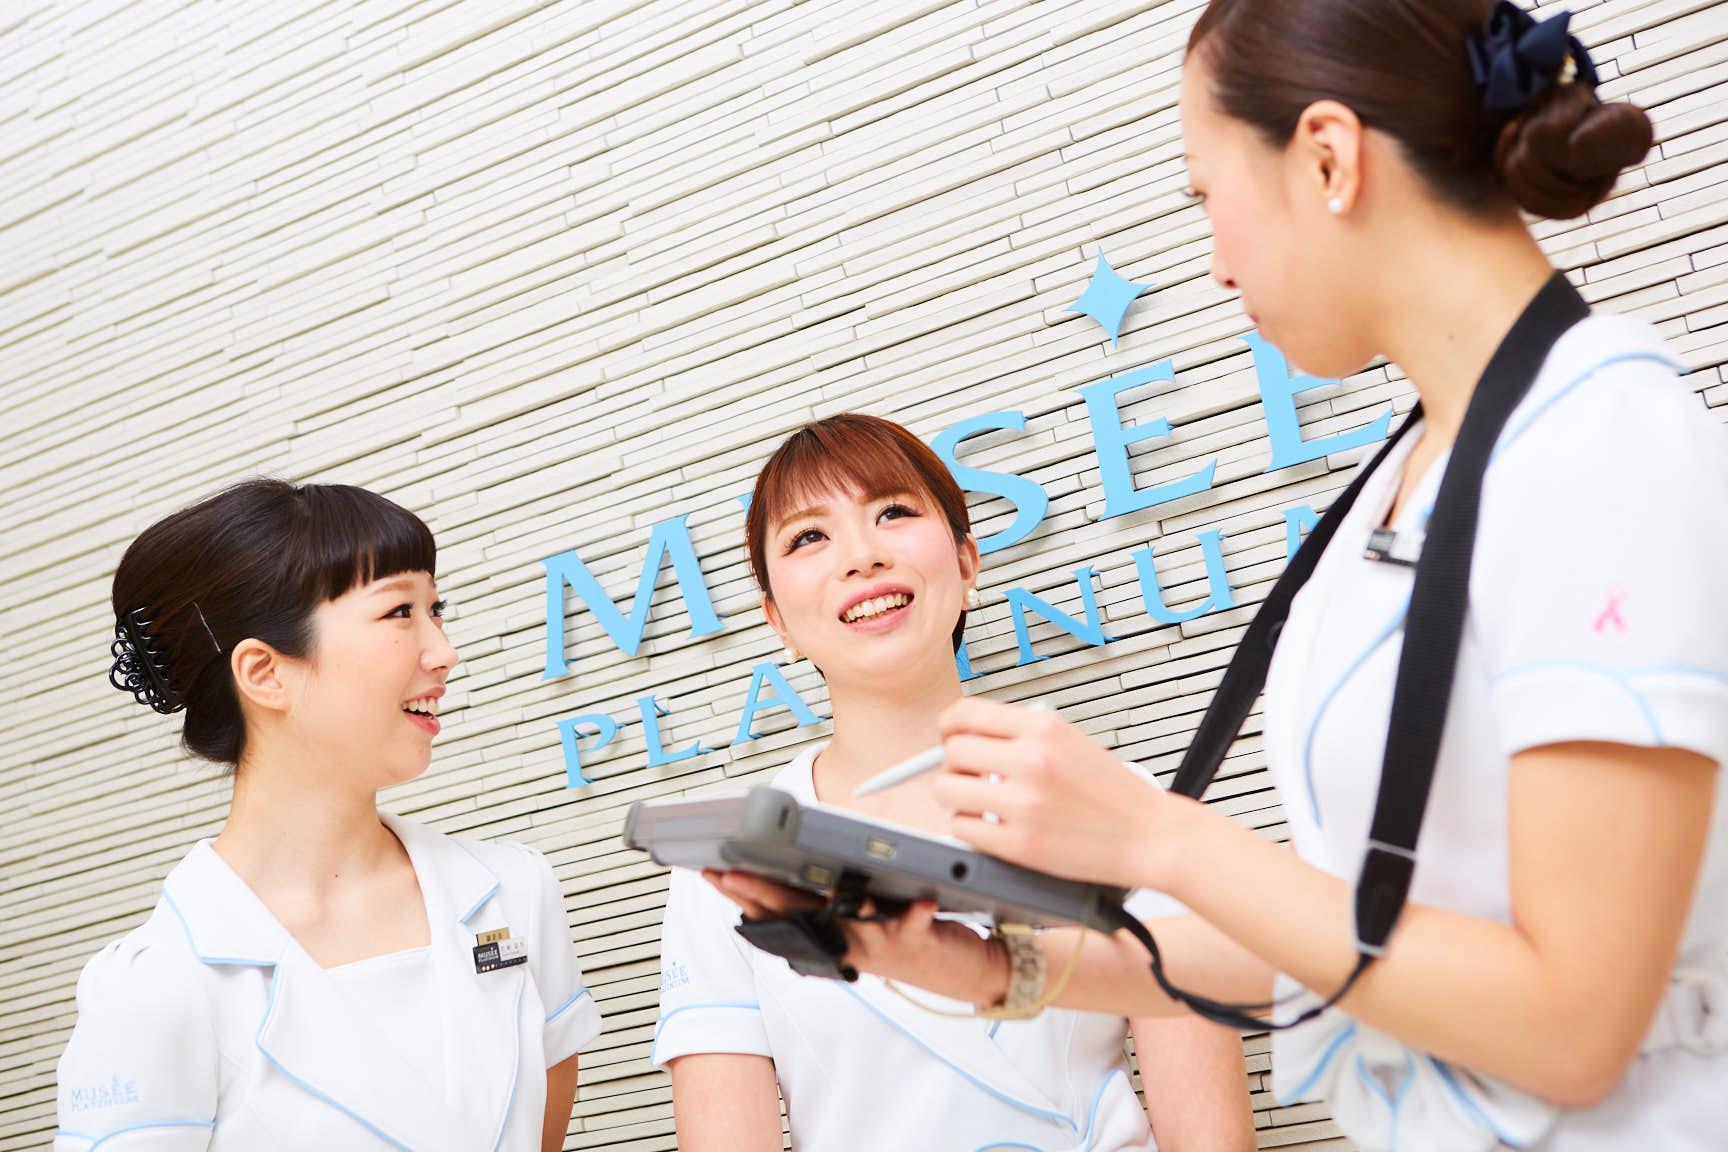 ミュゼプラチナム 岡山駅前店のアルバイト情報